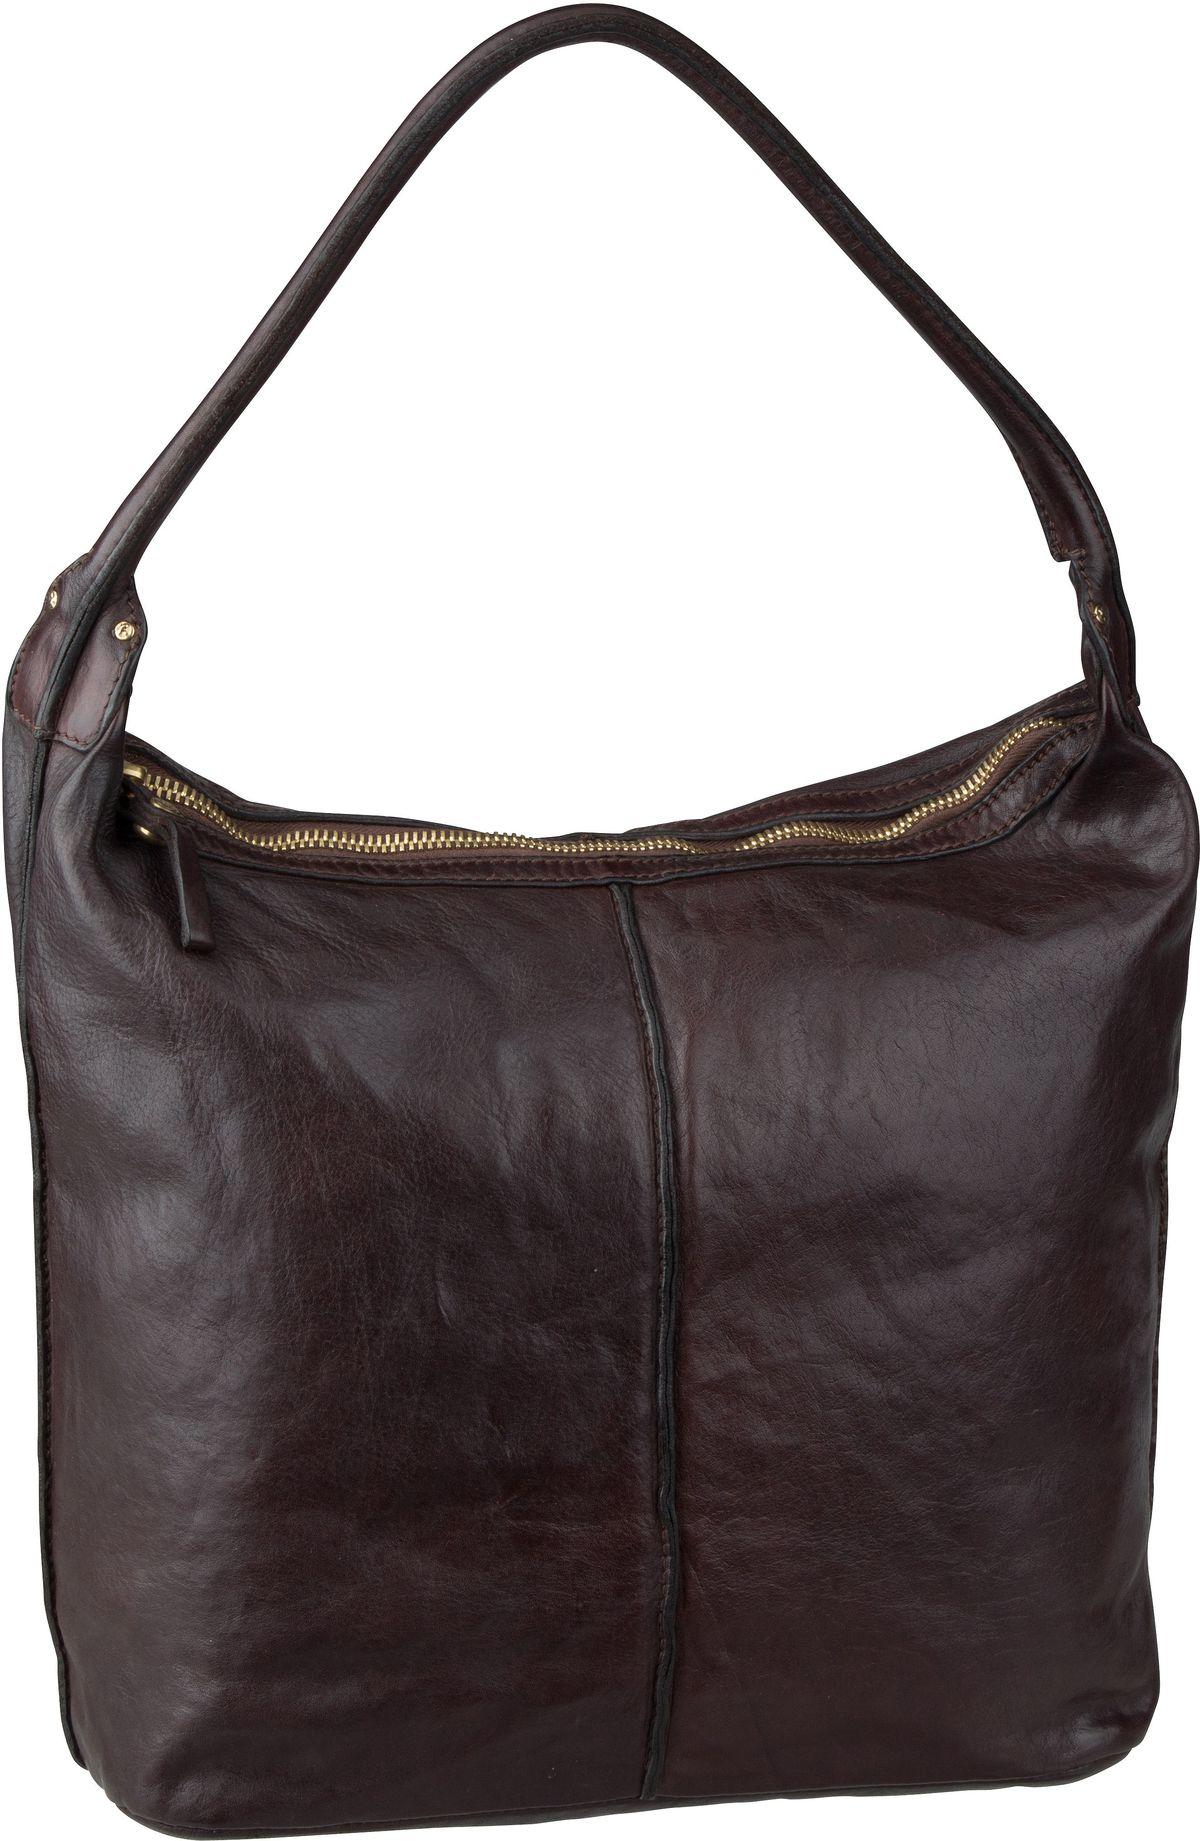 Handtasche Asteria C16370 Moro